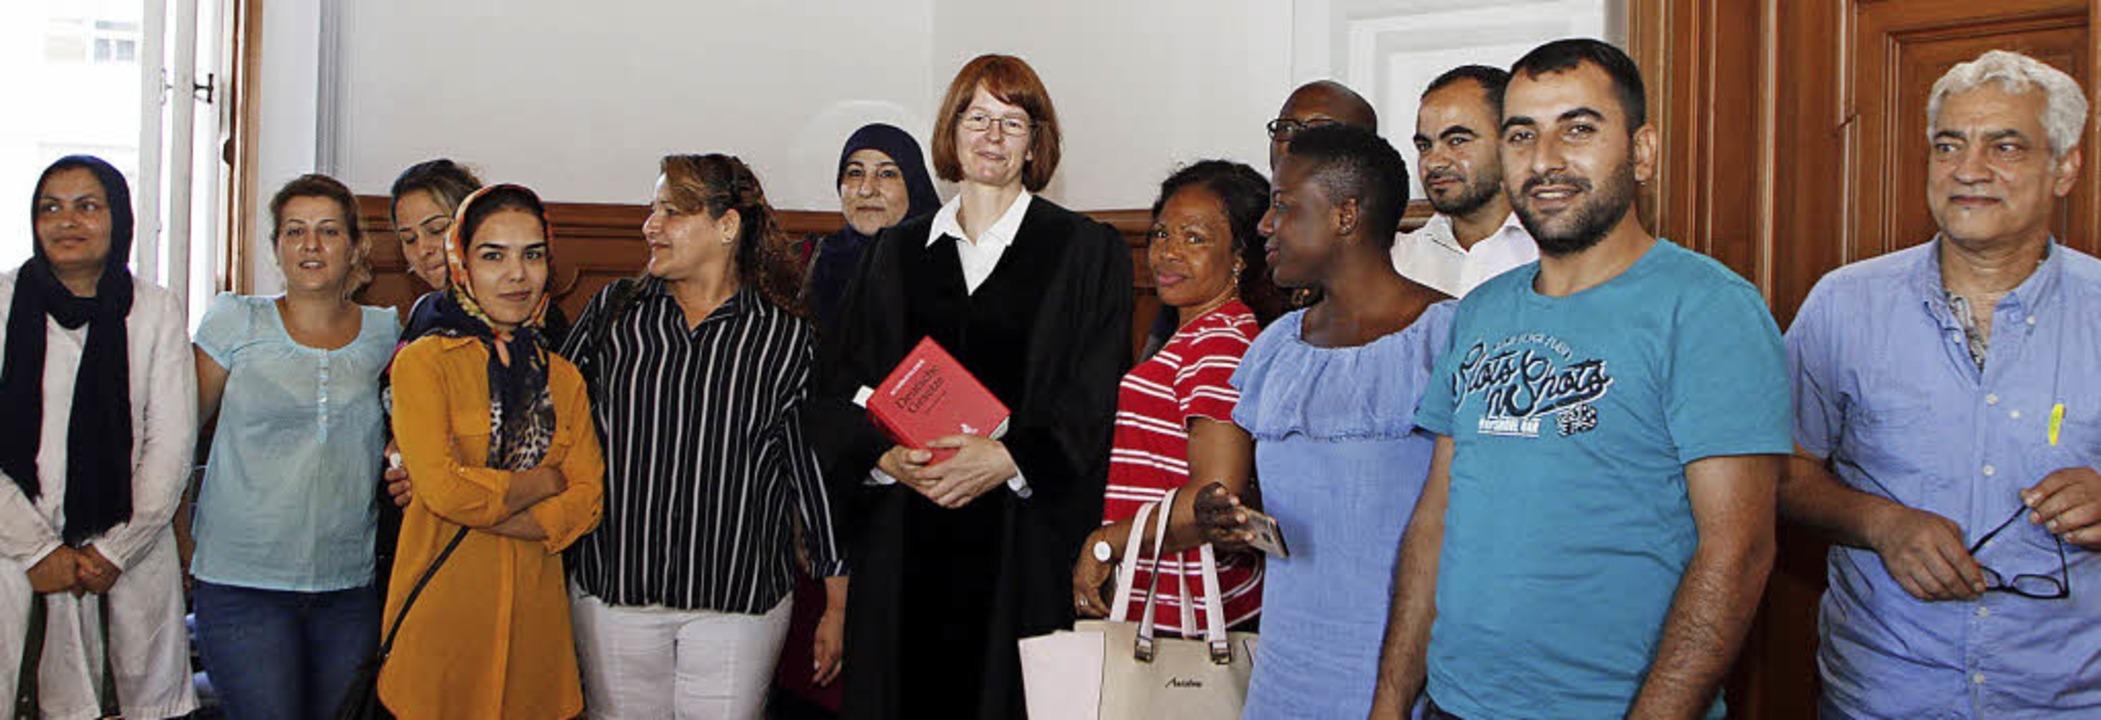 Die Teilnehmerinnen und Teilnehmer des...es  mit Richterin Dorothee Granderath   | Foto: Heidi Fössel